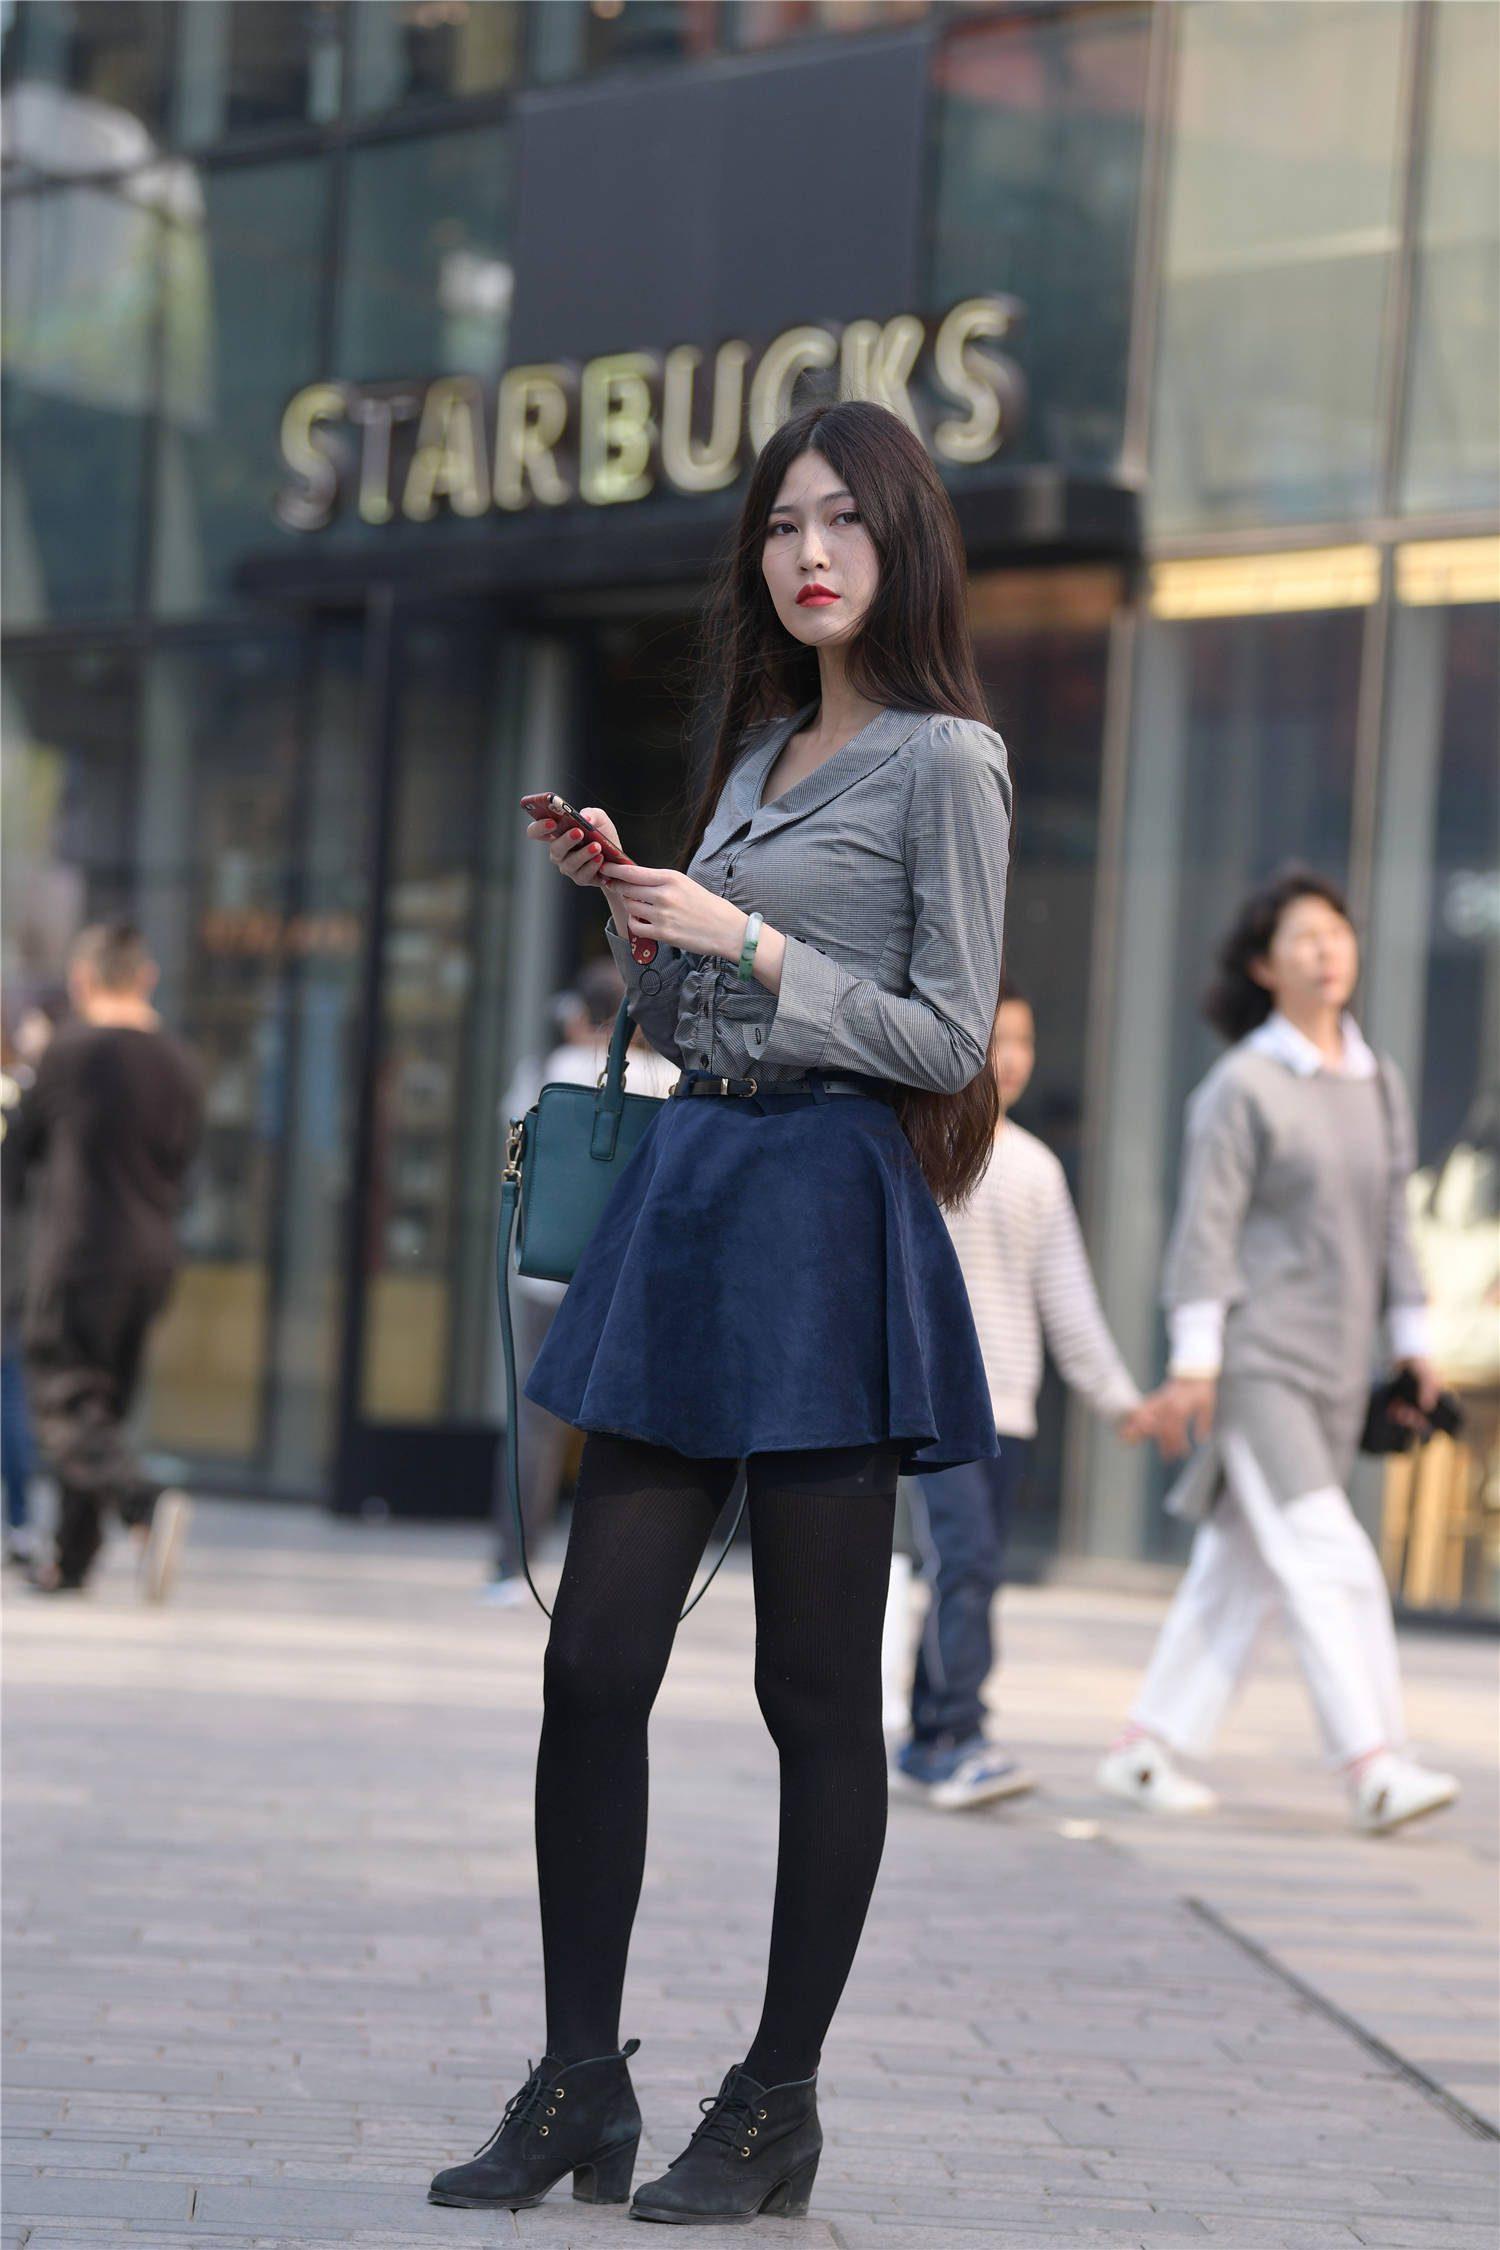 秋冬時節適合穿搭打底褲,選擇短裙來搭配,是不是會更好一些?